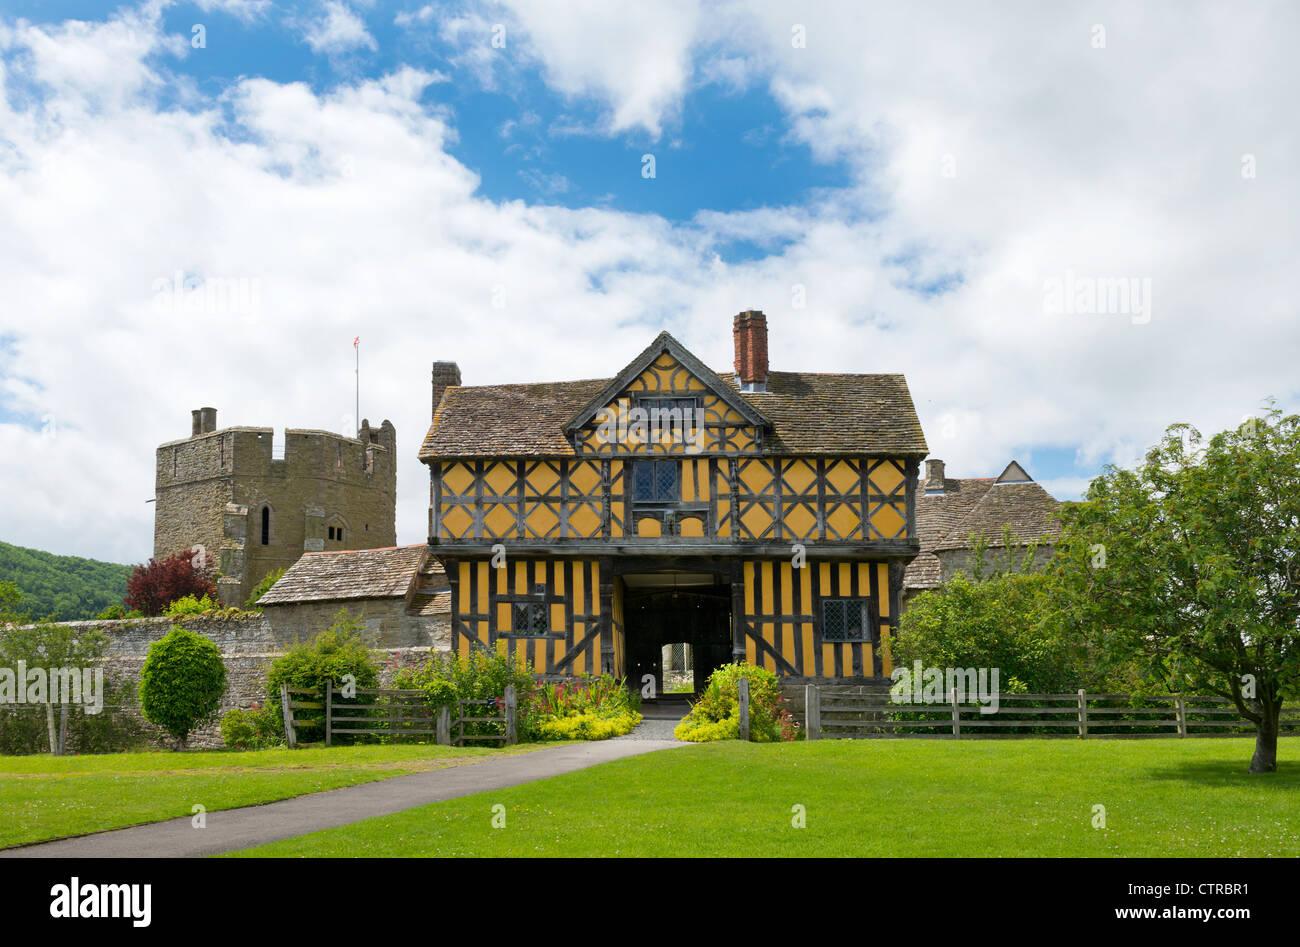 Gatehouse at Stokesay Castle Shropshire England - Stock Image